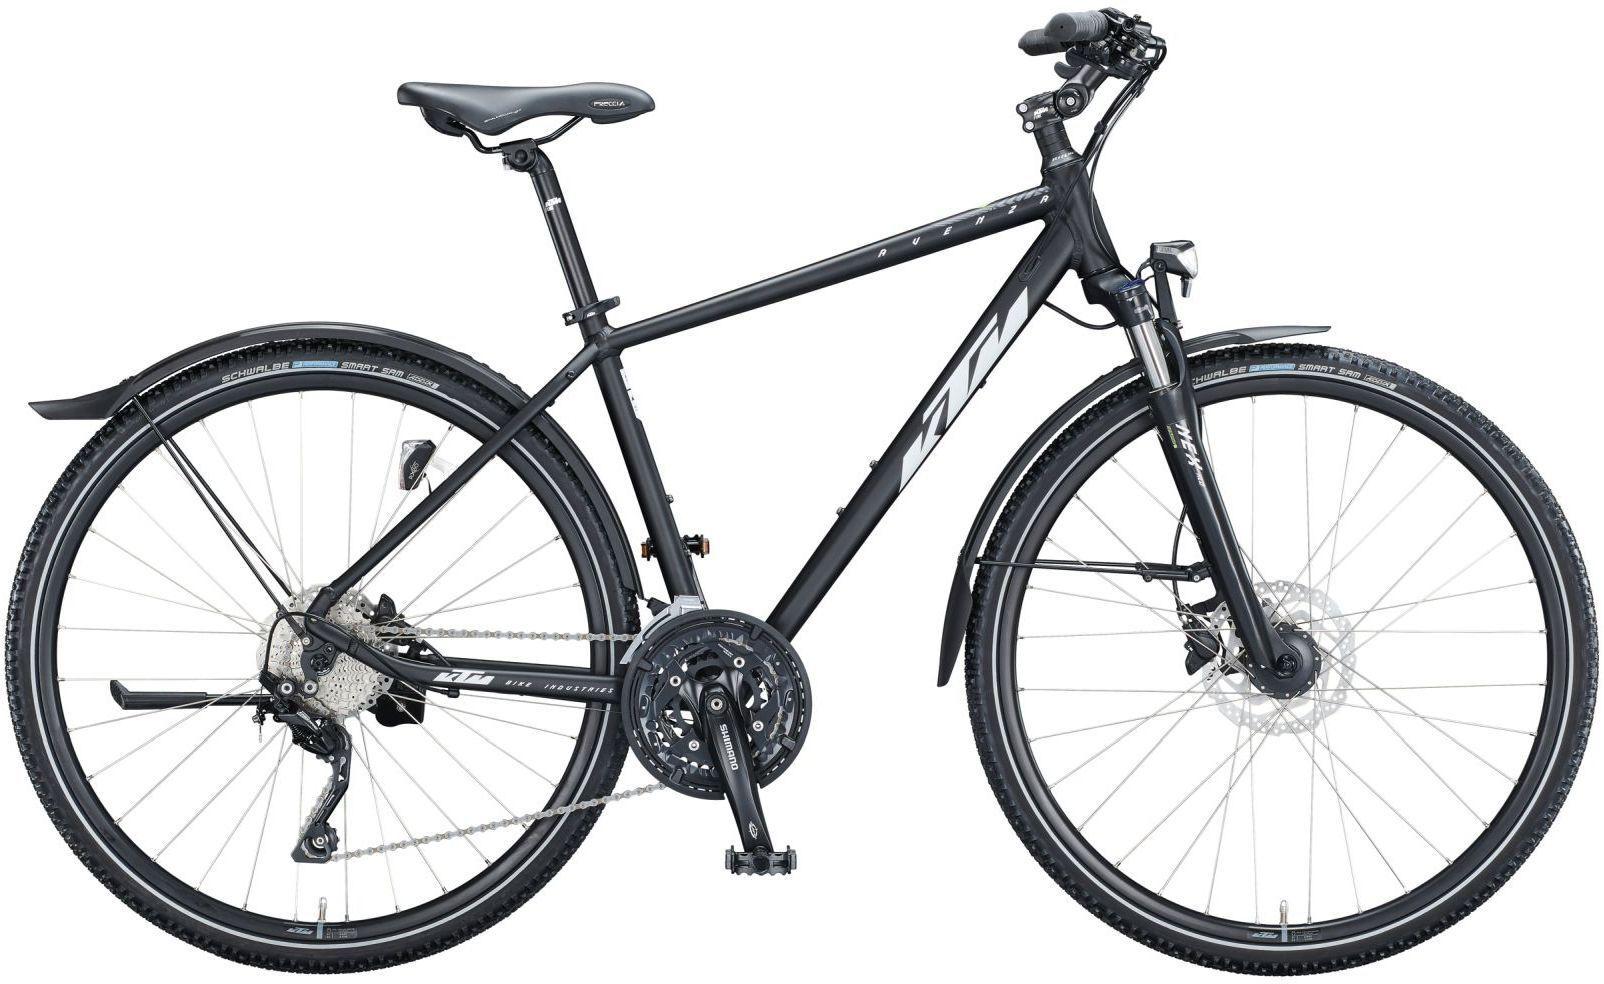 Fahrräder/Trekkingräder: KTM  AVENZA CROSS STREET 27 Gang Kettenschaltung Herrenfahrrad Diamant Modell 2021 28 Zoll 63 cm